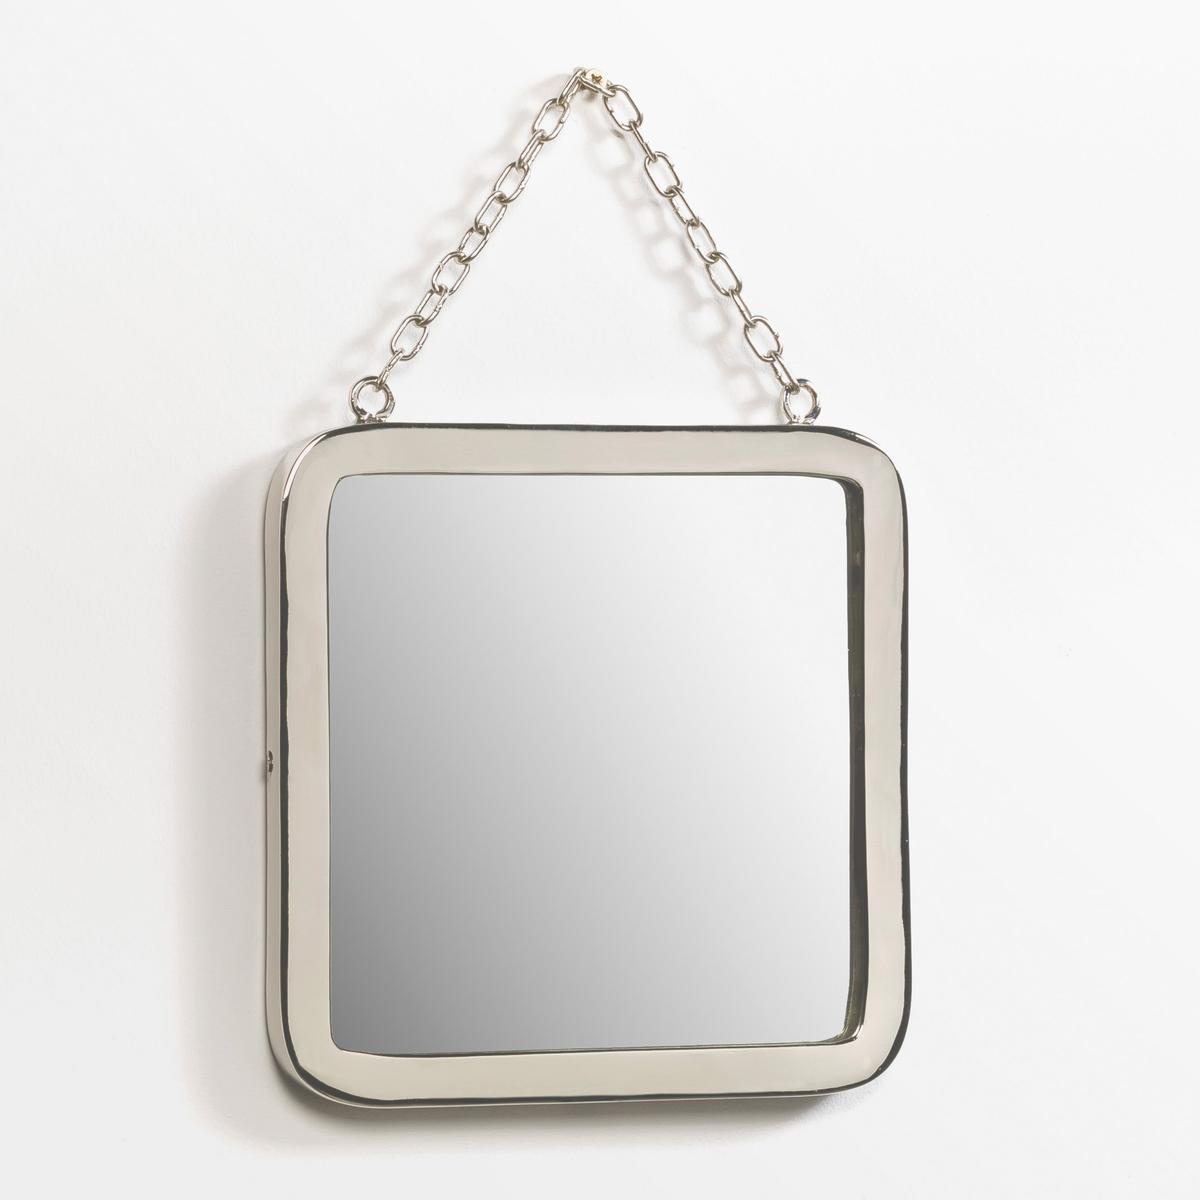 Зеркало квадратное Д20 x В20 см, Barbier от La Redoute